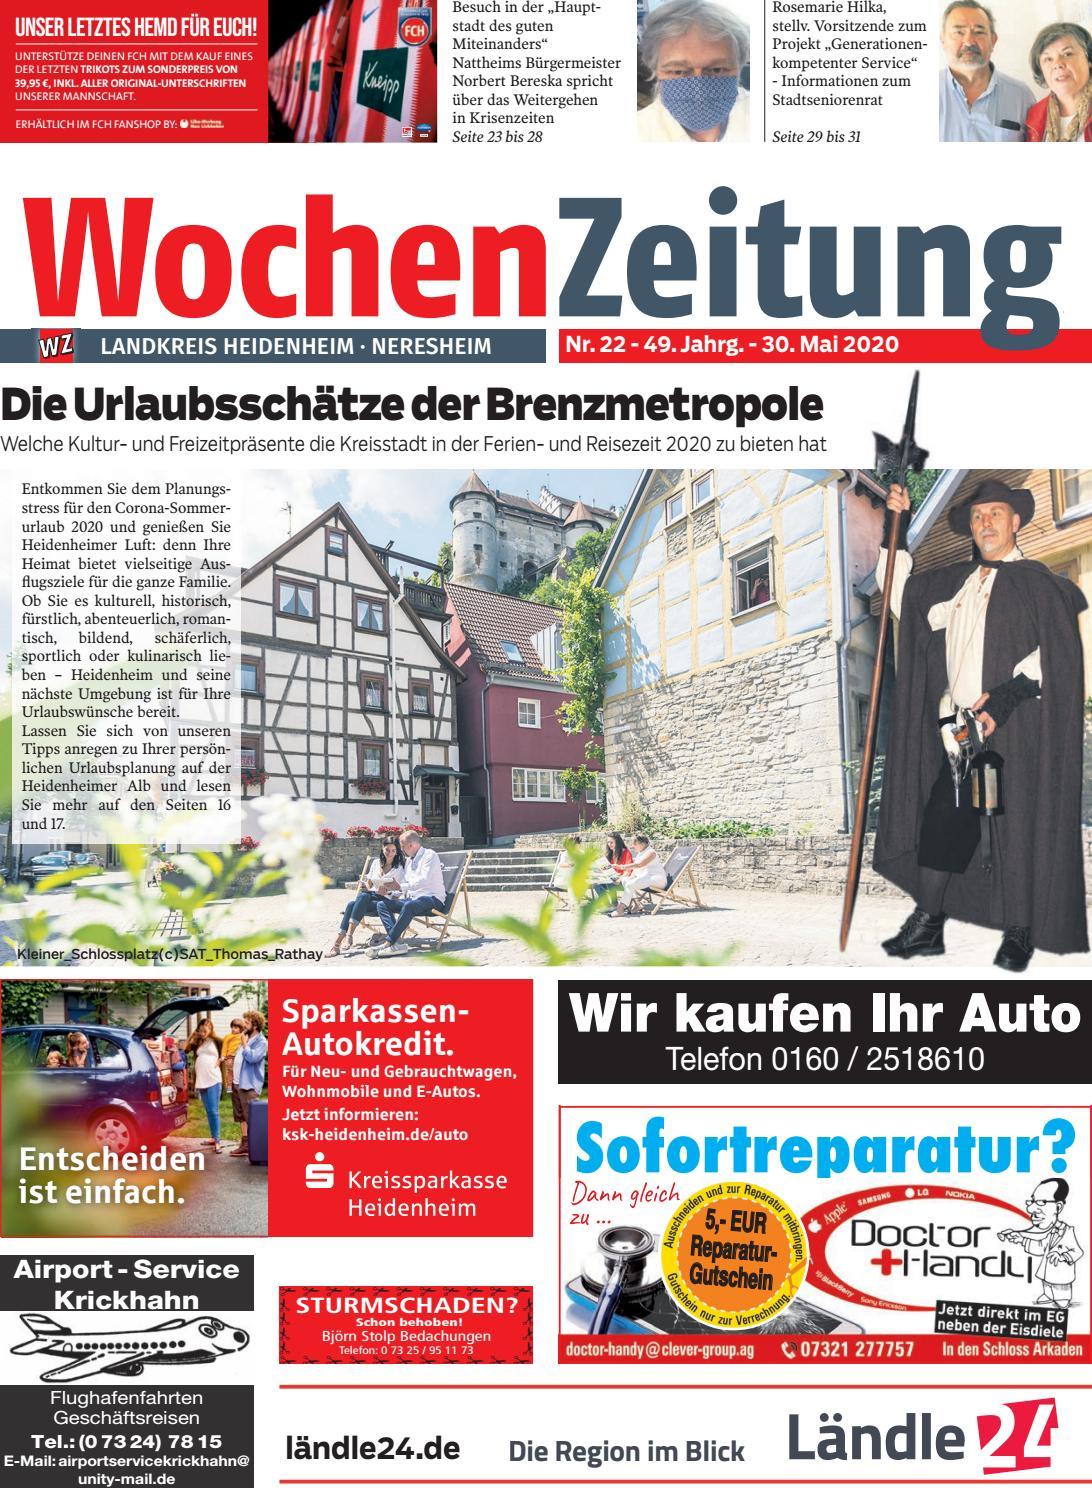 Wochenzeitung Heidenheim Kw 22 20 By Wochenzeitung Sonntagszeitung Issuu